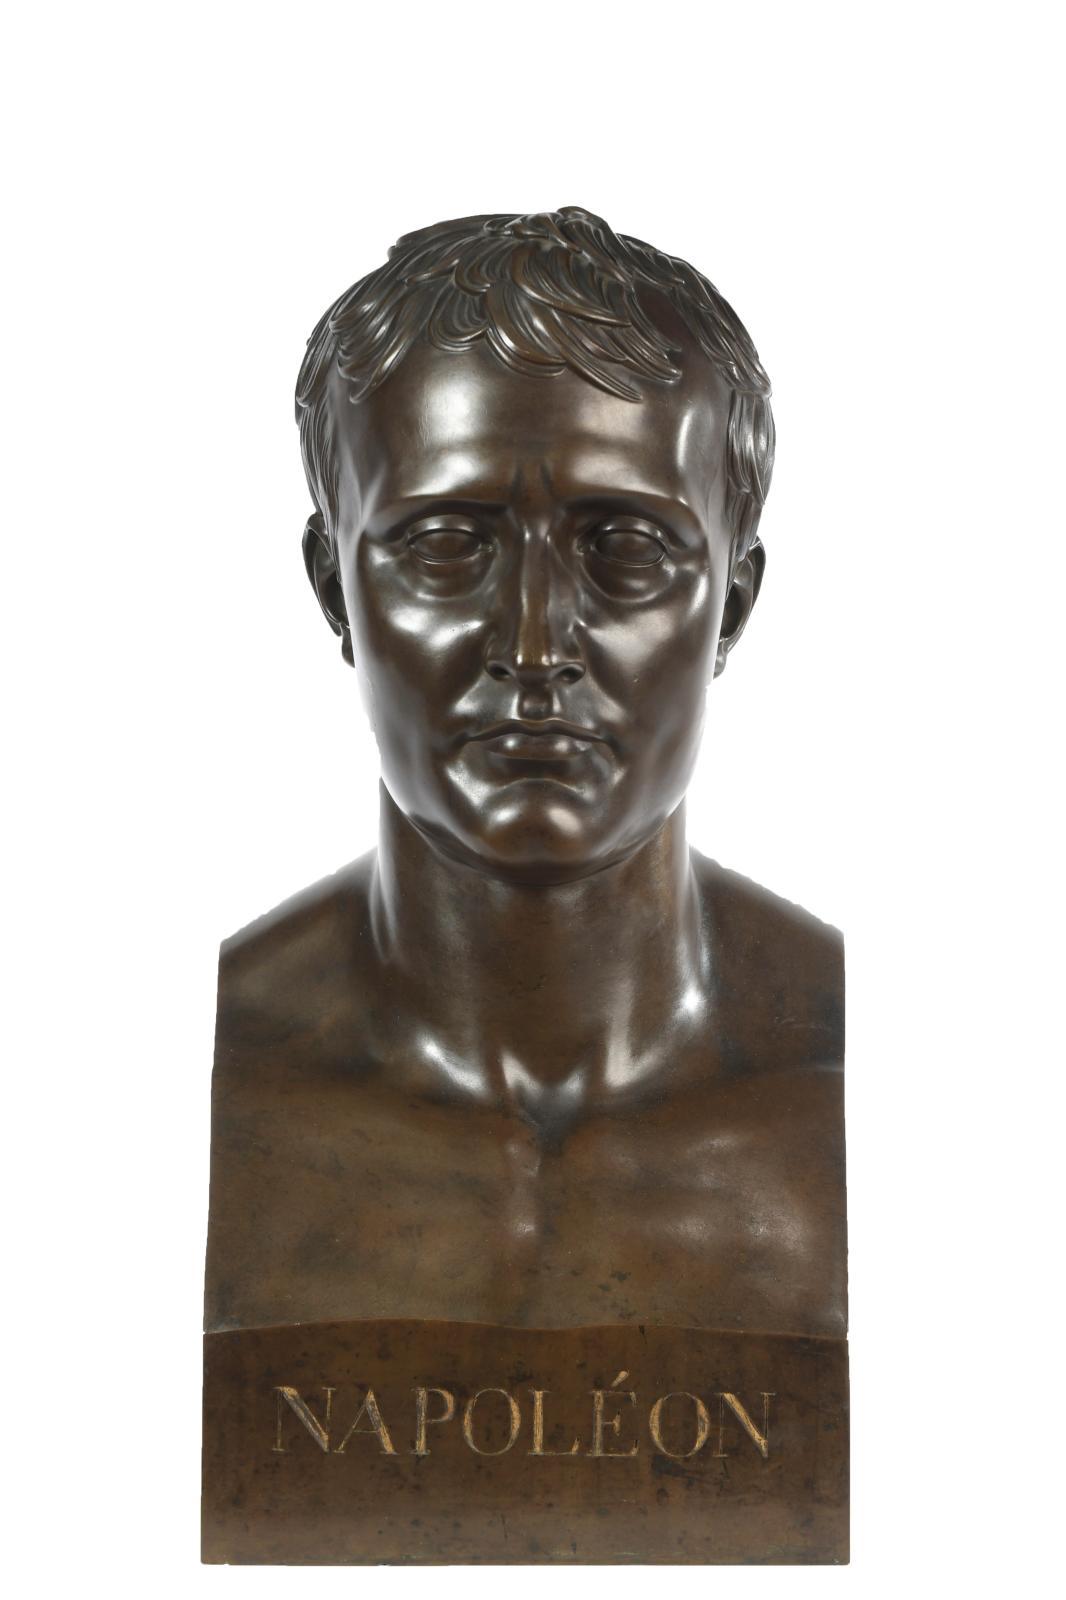 Ce bronze de L'Empereur Napoléon Ier à l'antique a été commandé par Vivant Denon (1747-1825) à la fin de l'année 1807 ou au début de 1808